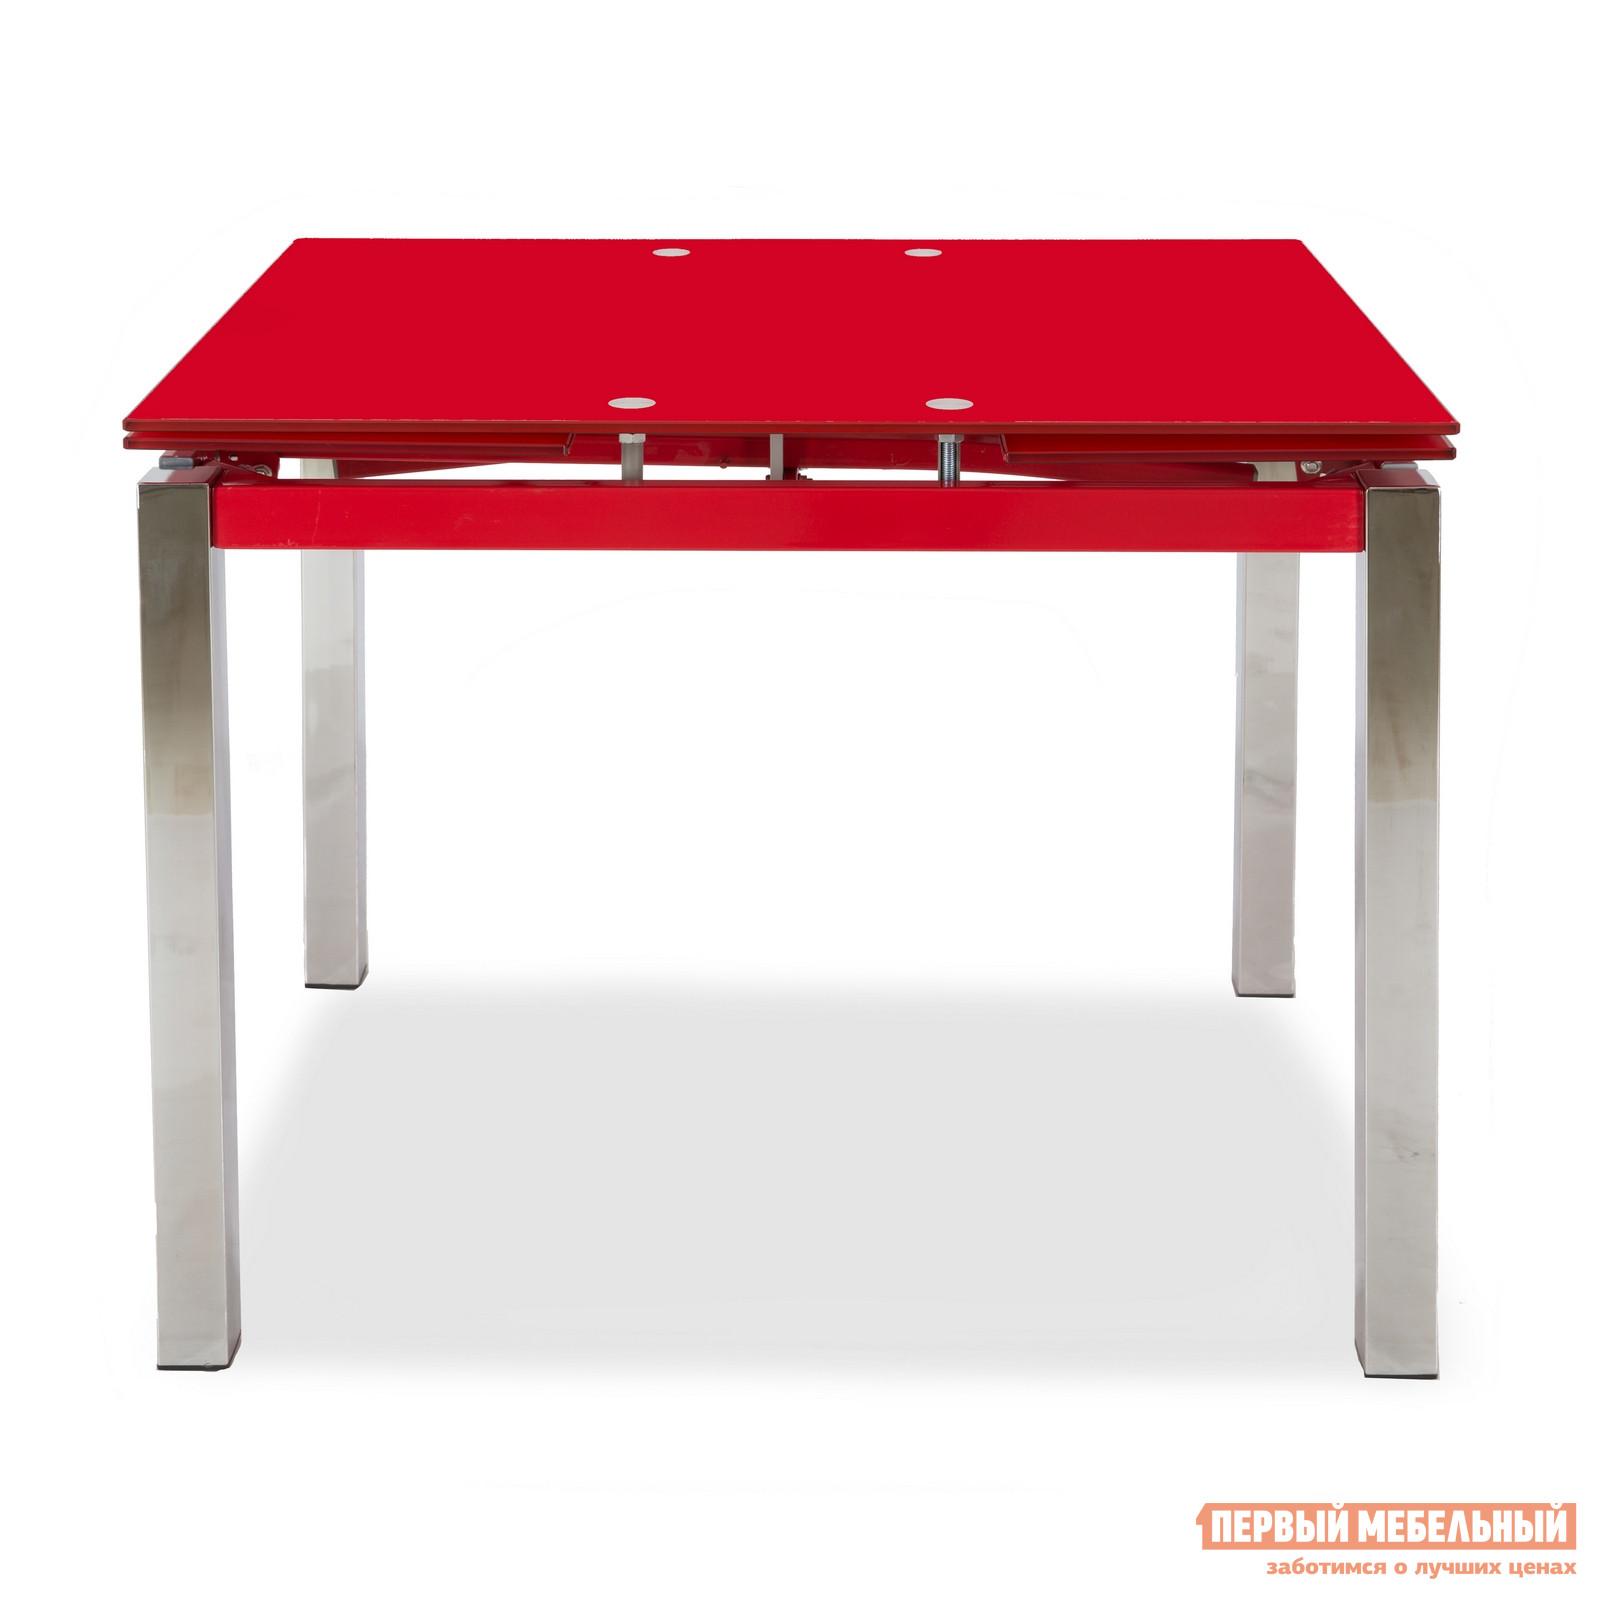 Кухонный стол Бентли Трейд S64(80) стоимость